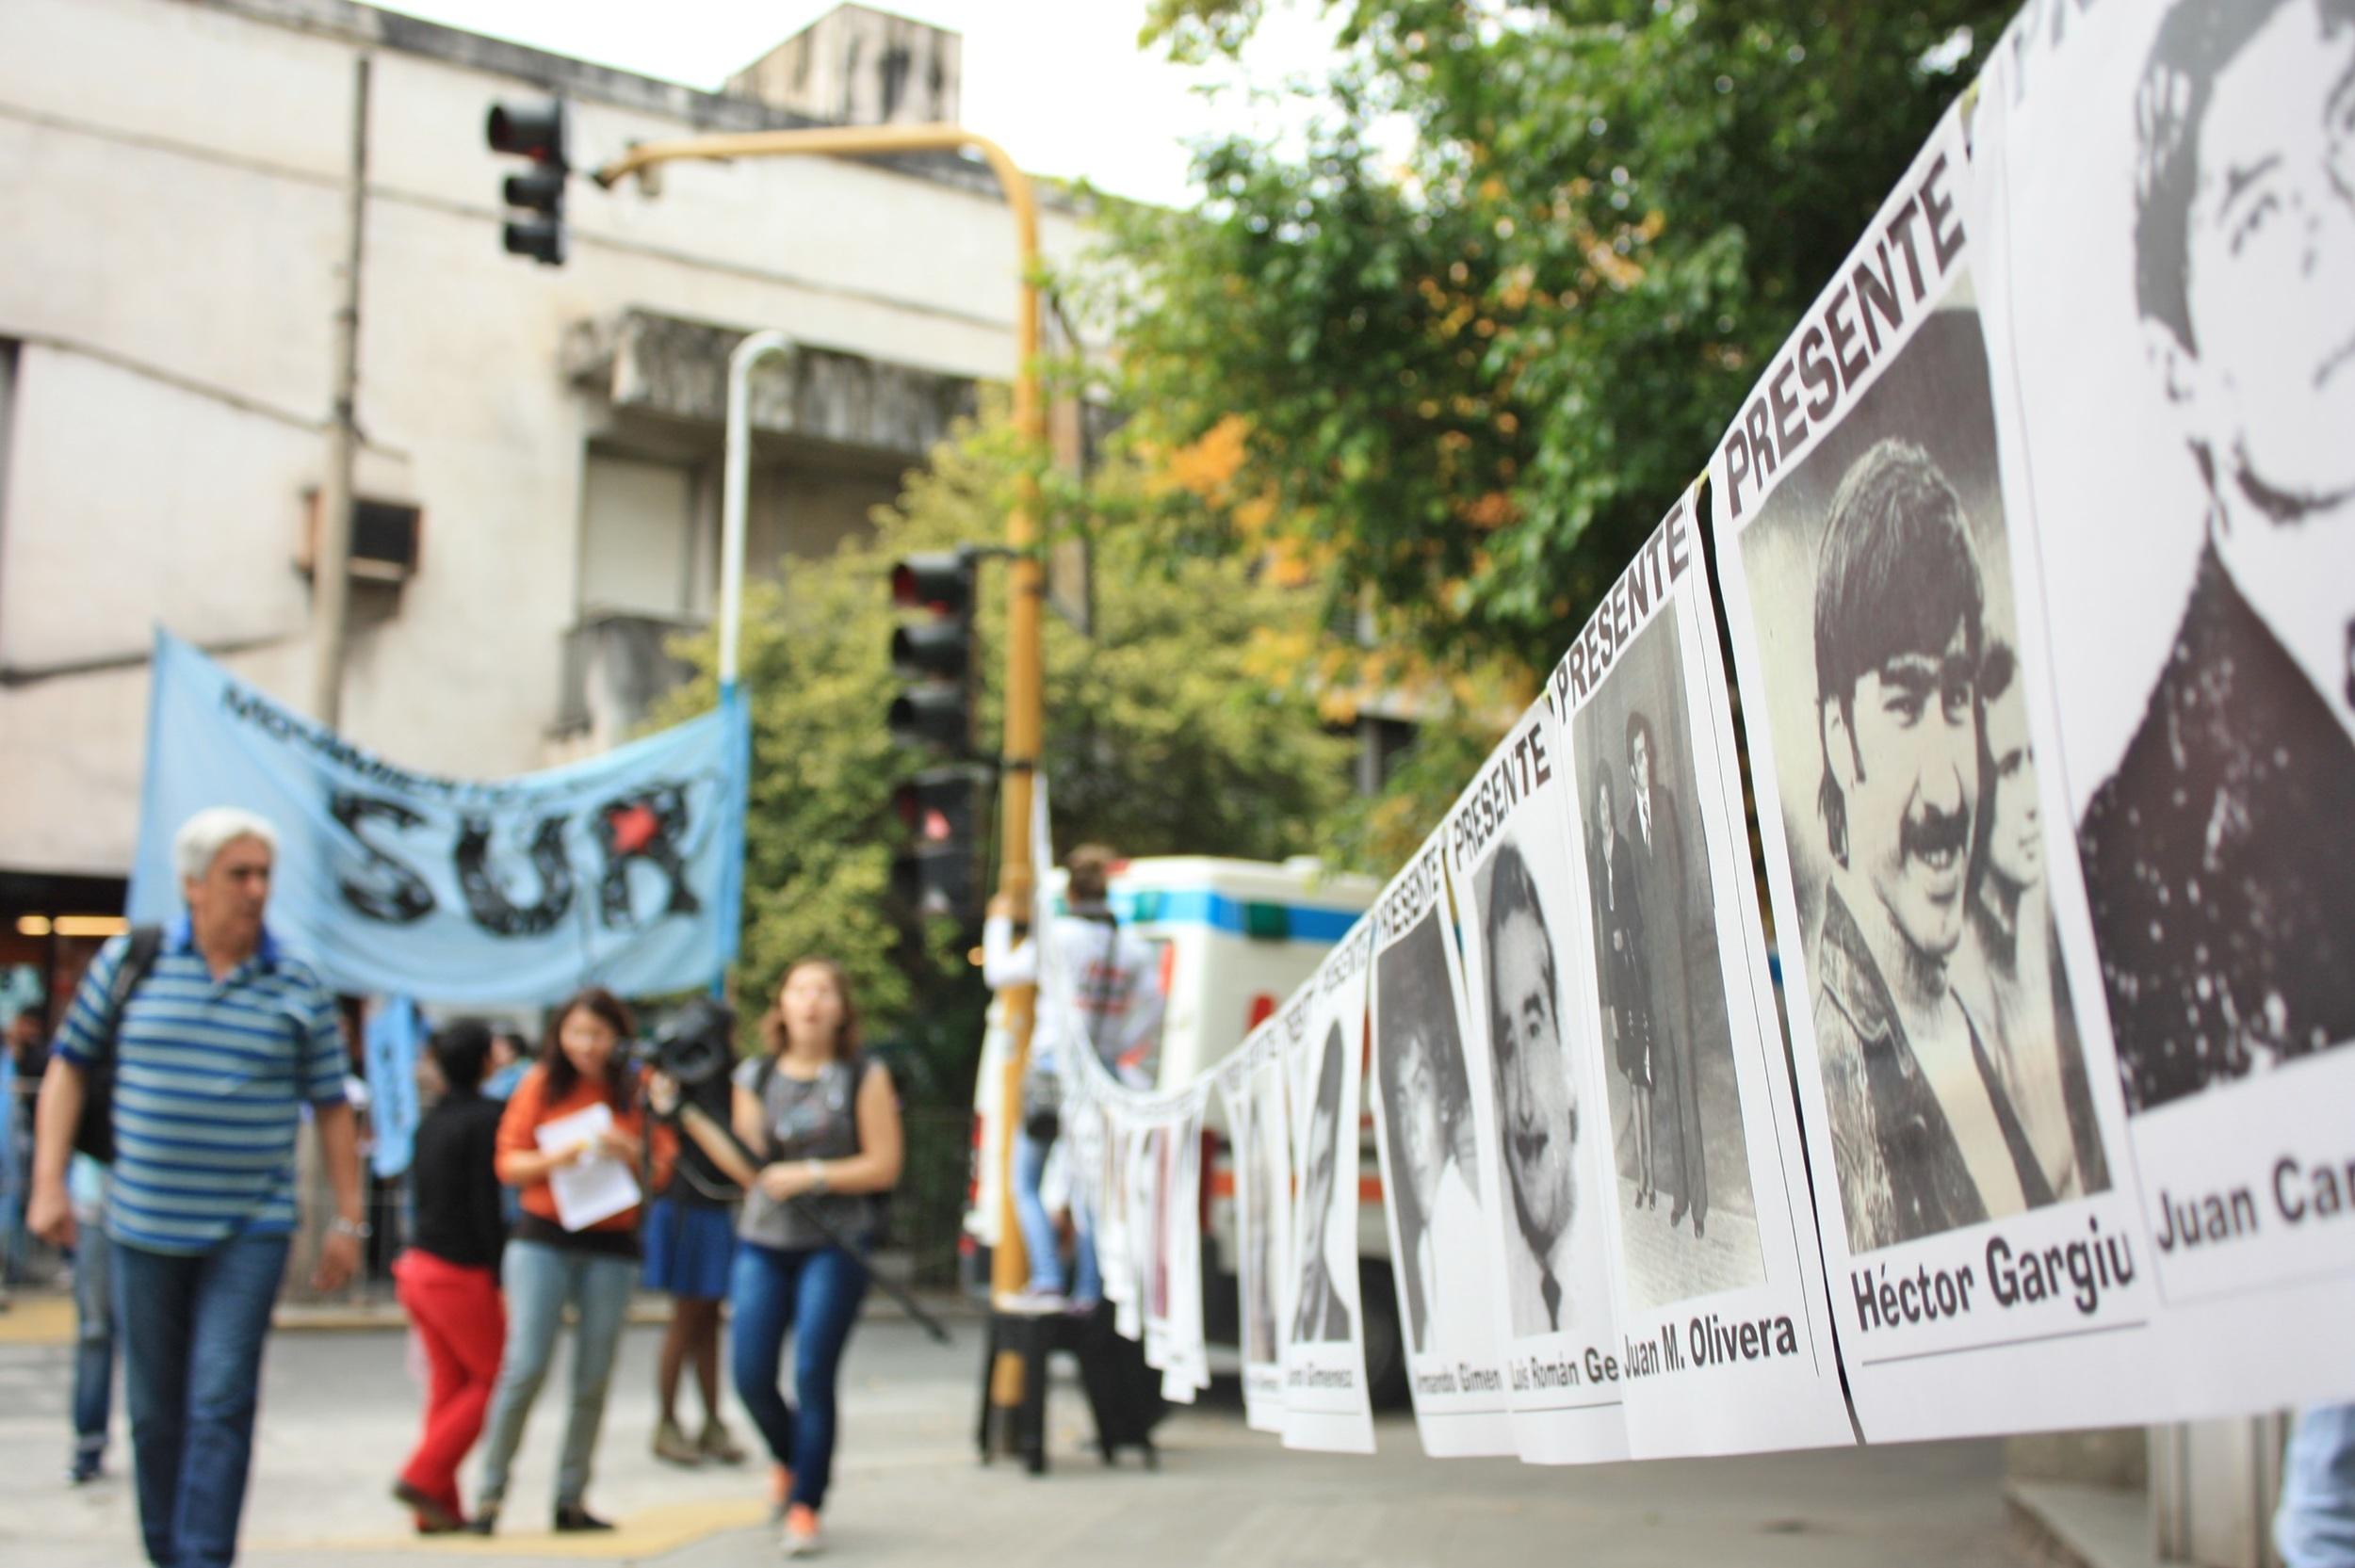 El doceavo juicio por delitos de lesa humanidad que se realiza en la provincia juzga hechos ocurridos antes del golpe de Estado de 1976.